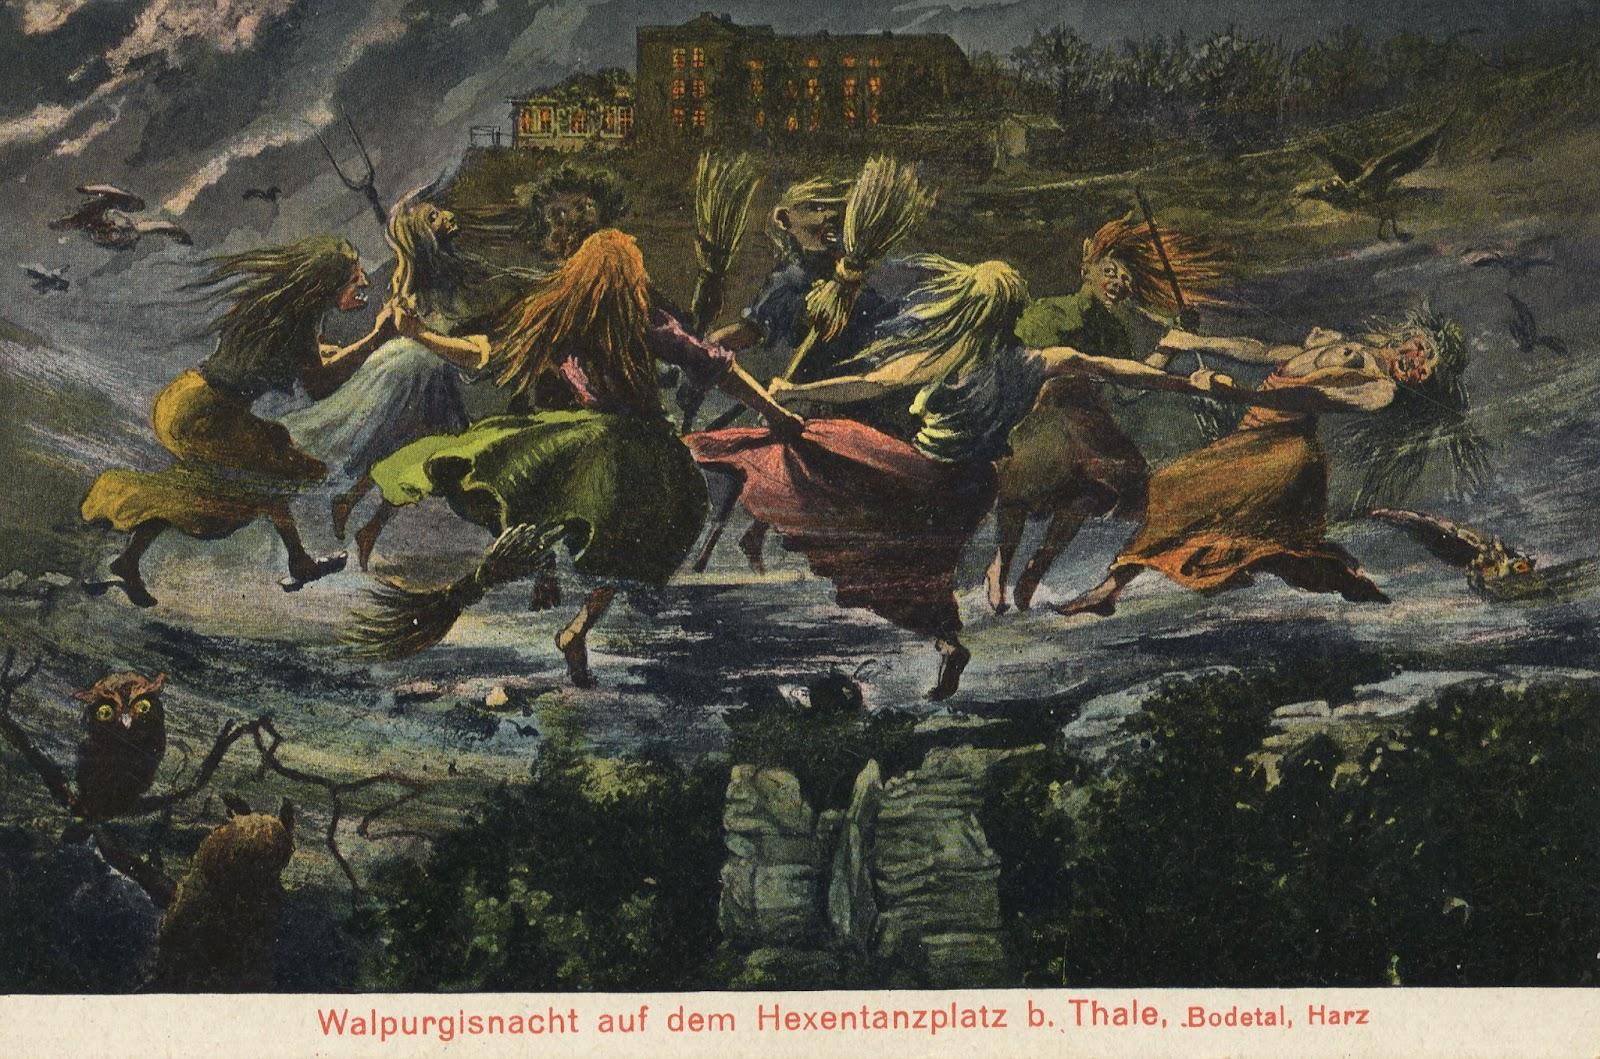 Elisandre - L'Oeuvre au Noir: C'est la nuit de Walpurgis ! Walpurgis Nacht !